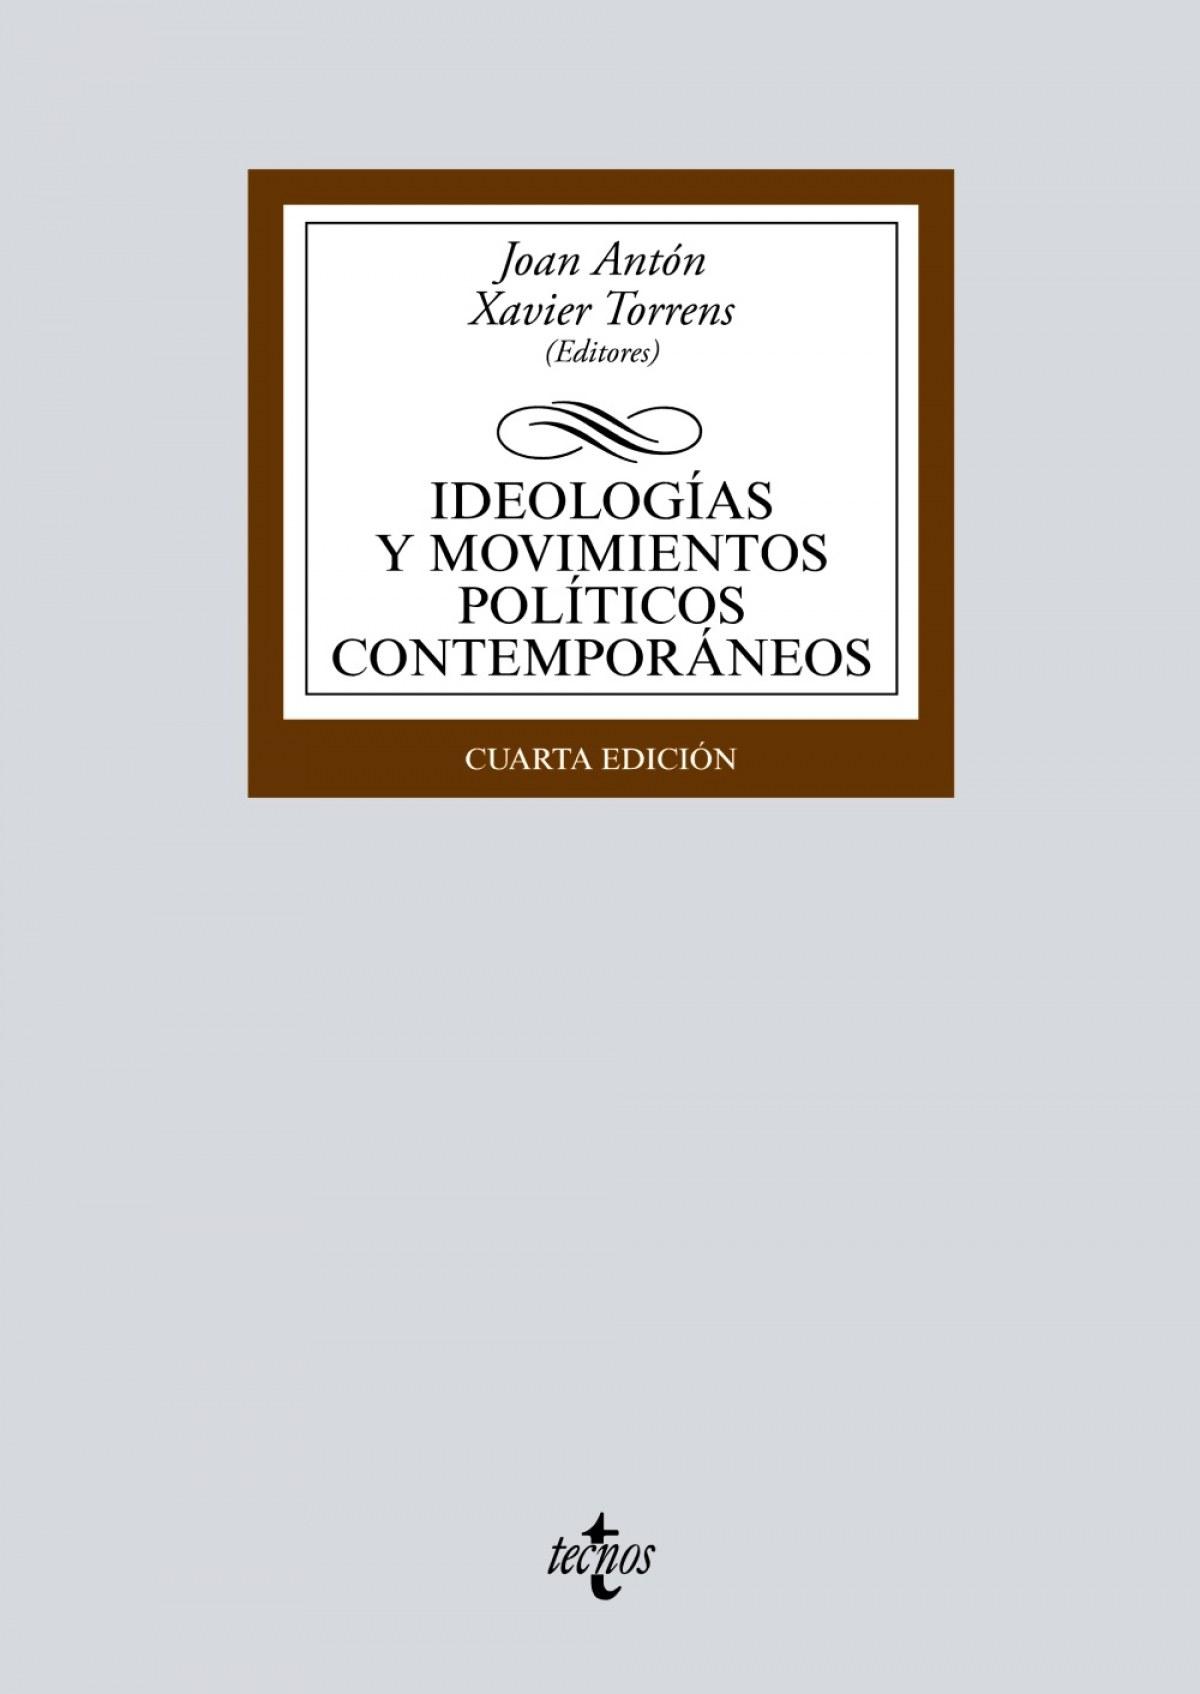 Ideolog¡as y movimientos pol¡ticos contemporáneos